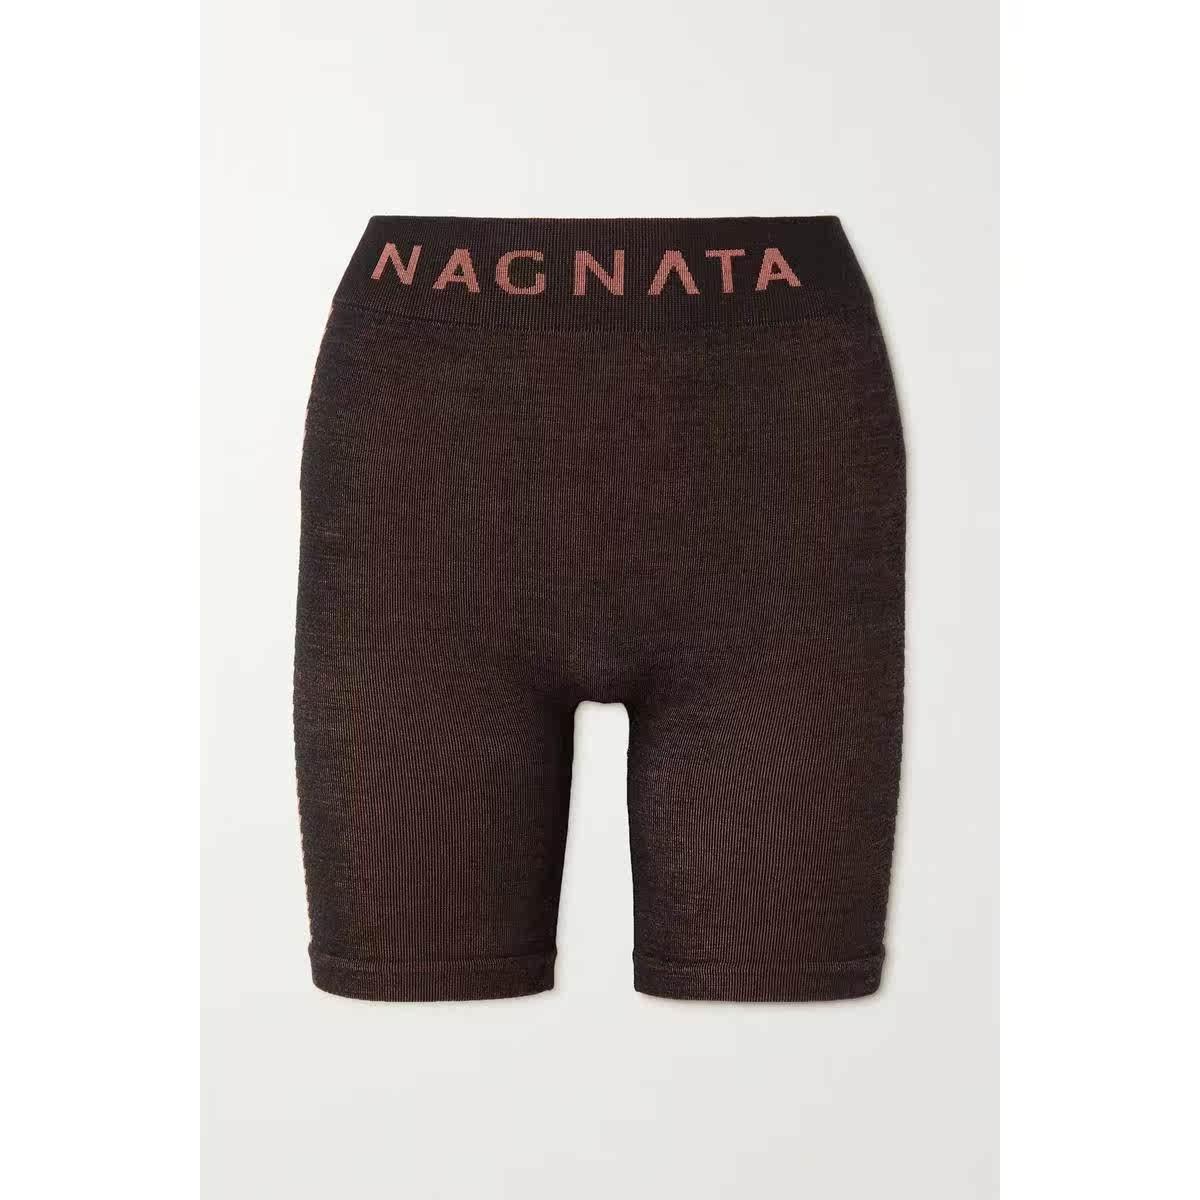 代购NAGNATA NET SUSTAINSuki 条纹美利奴羊毛混纺短裤女奢侈品